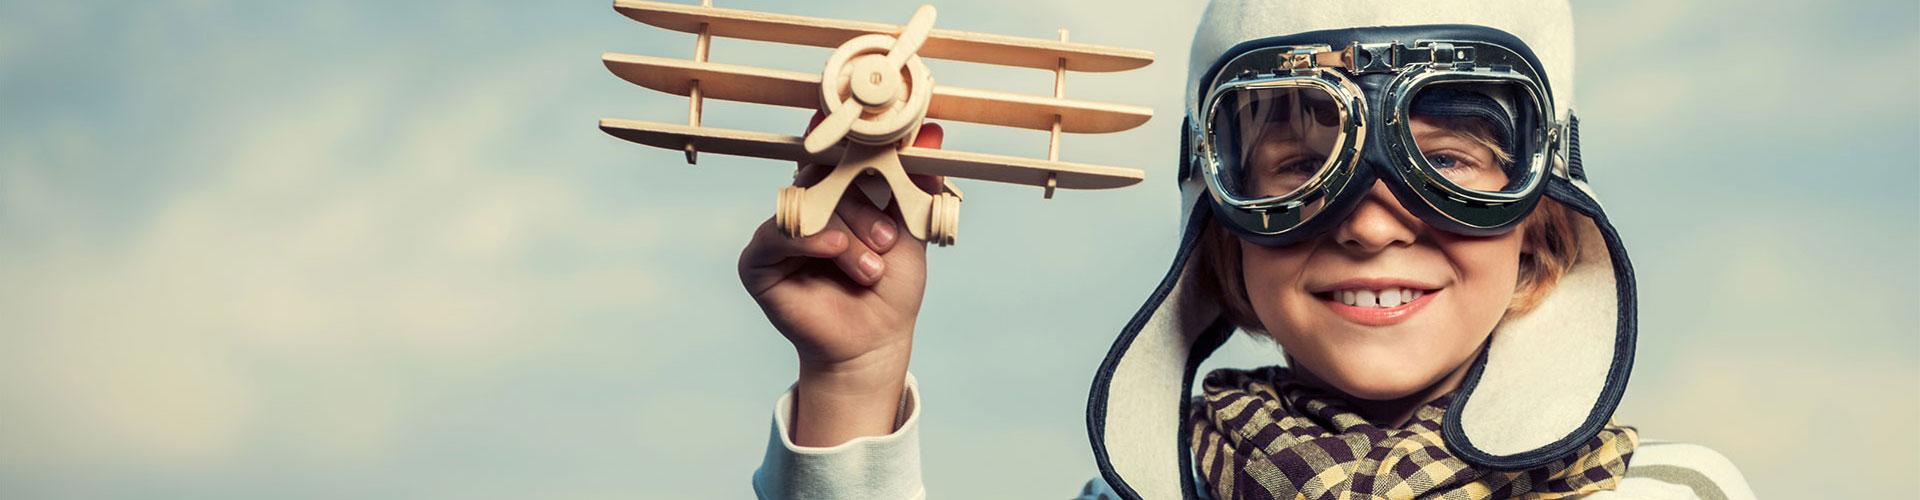 Hypnosetherapie gegen Flugangst | Junge mit Spielzeug-Flugzeug